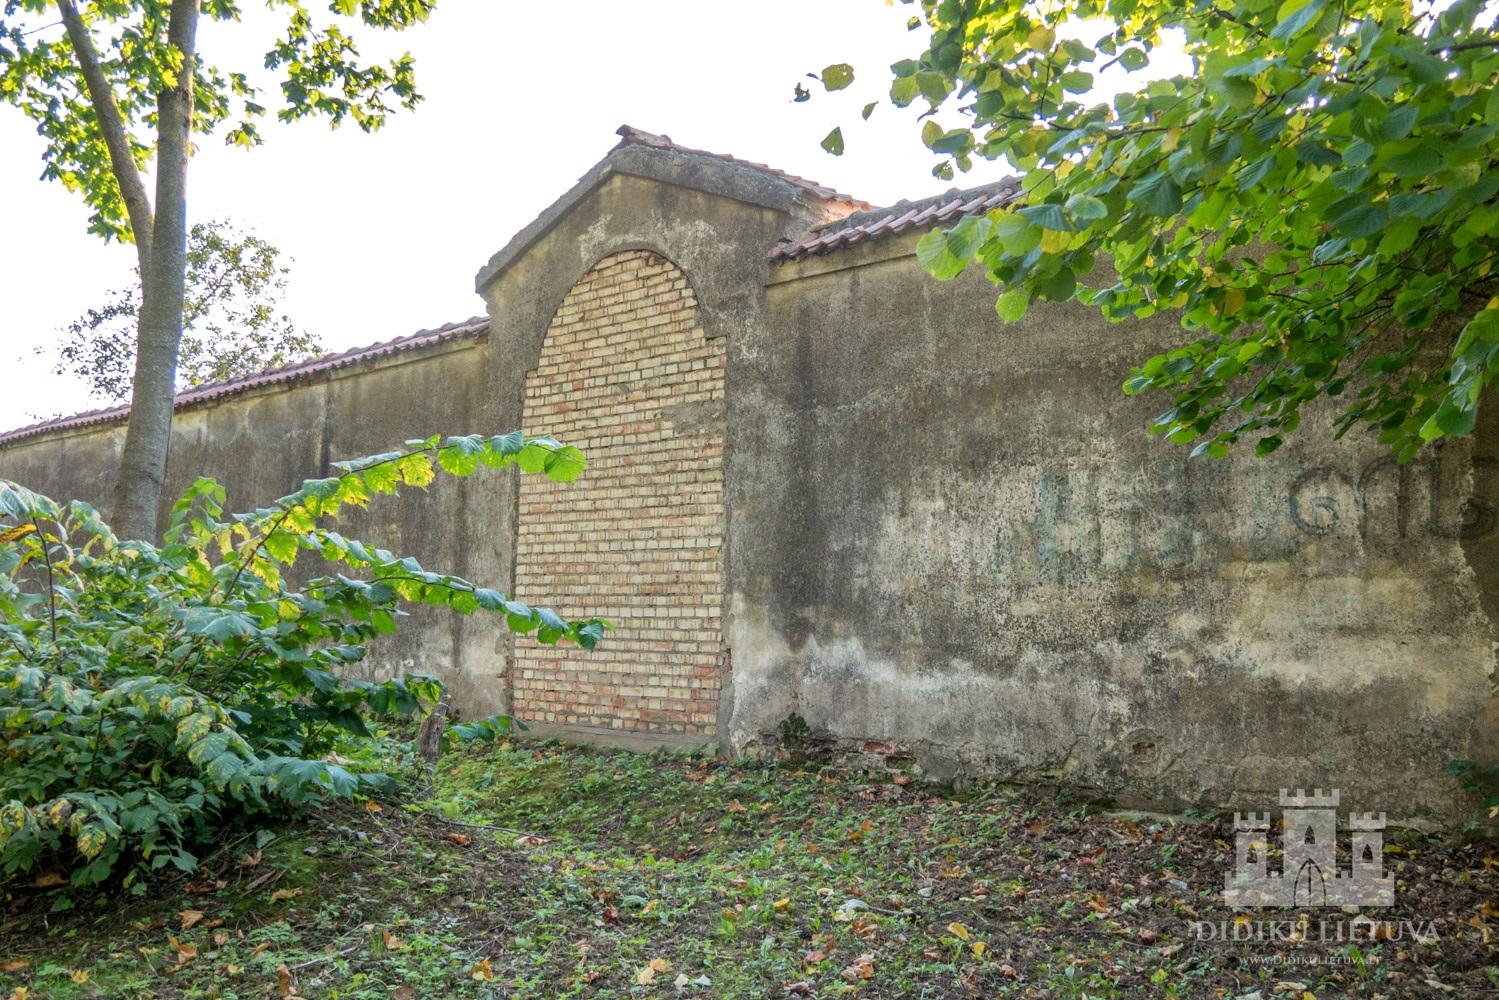 Pažaislio kamaldulių vienuolyno ansamblio eremo tvora su vartais